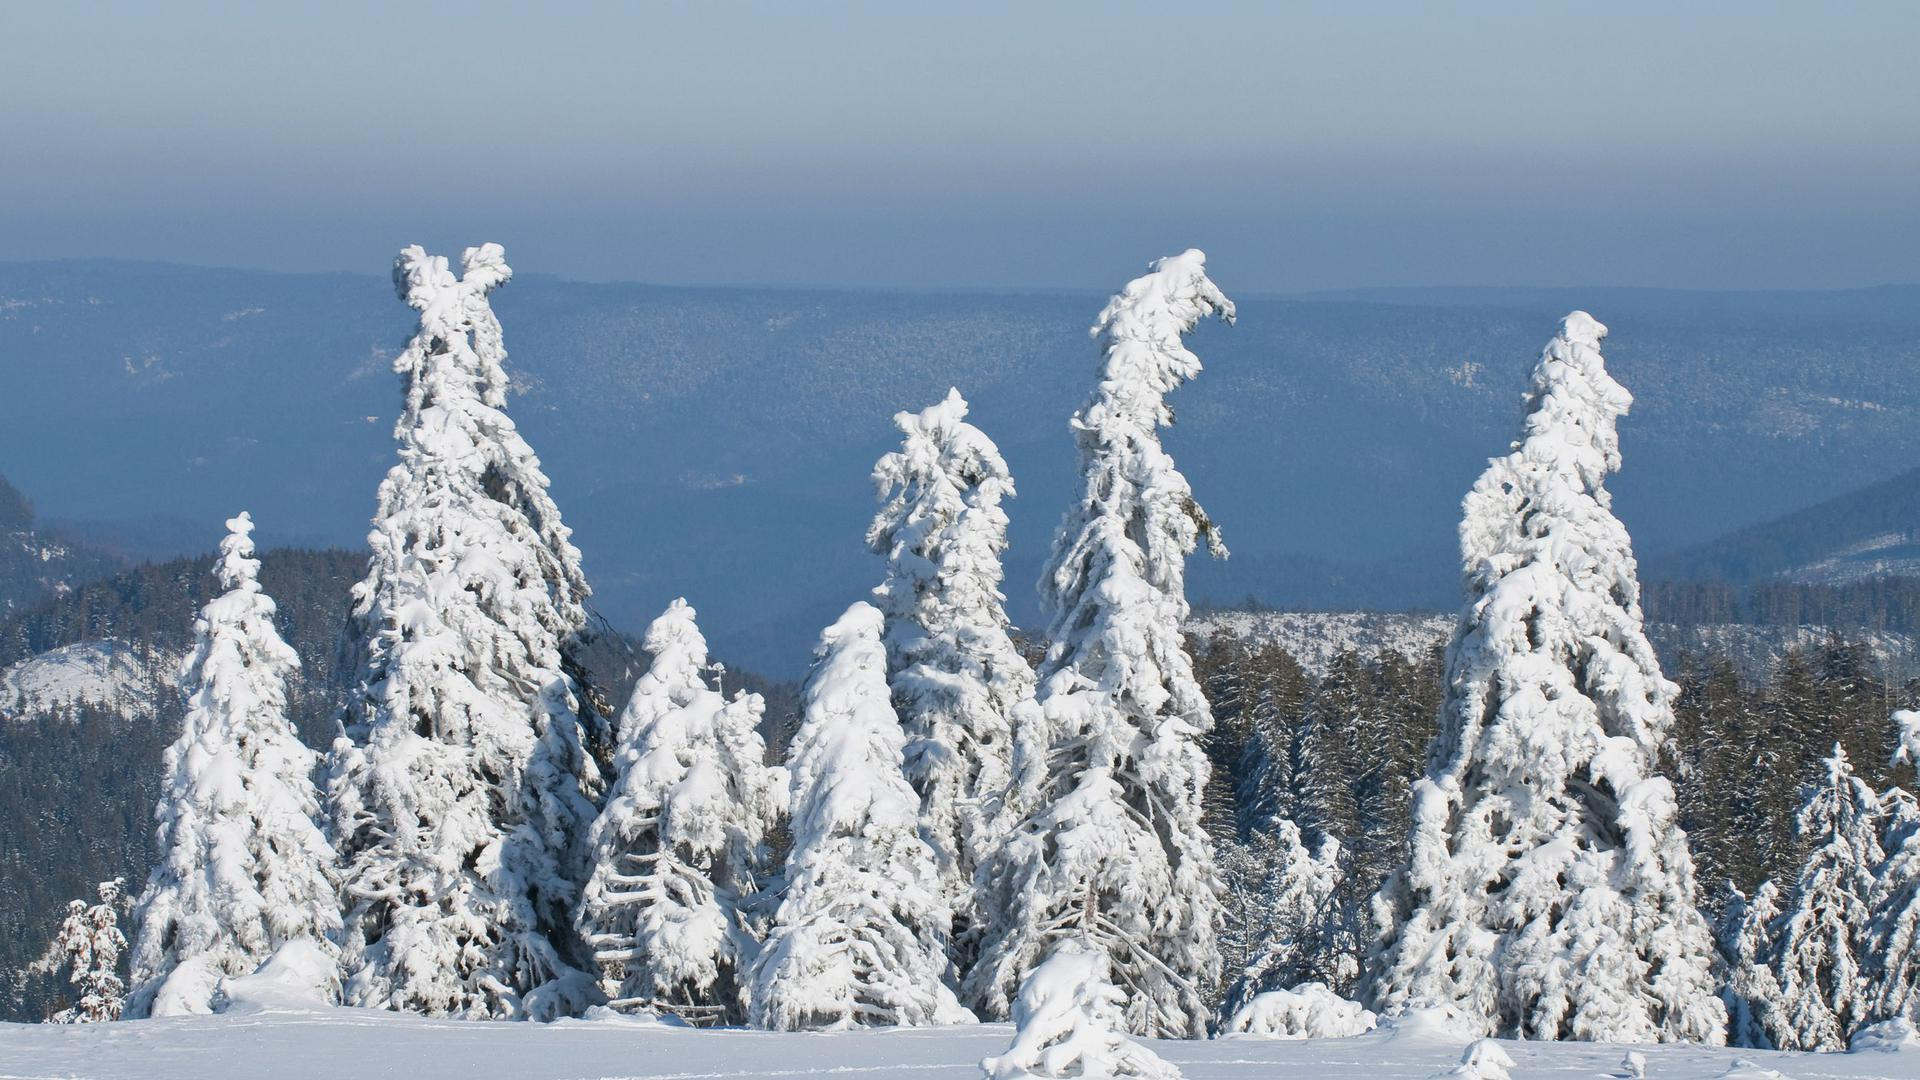 Hornisgrinde Schnee